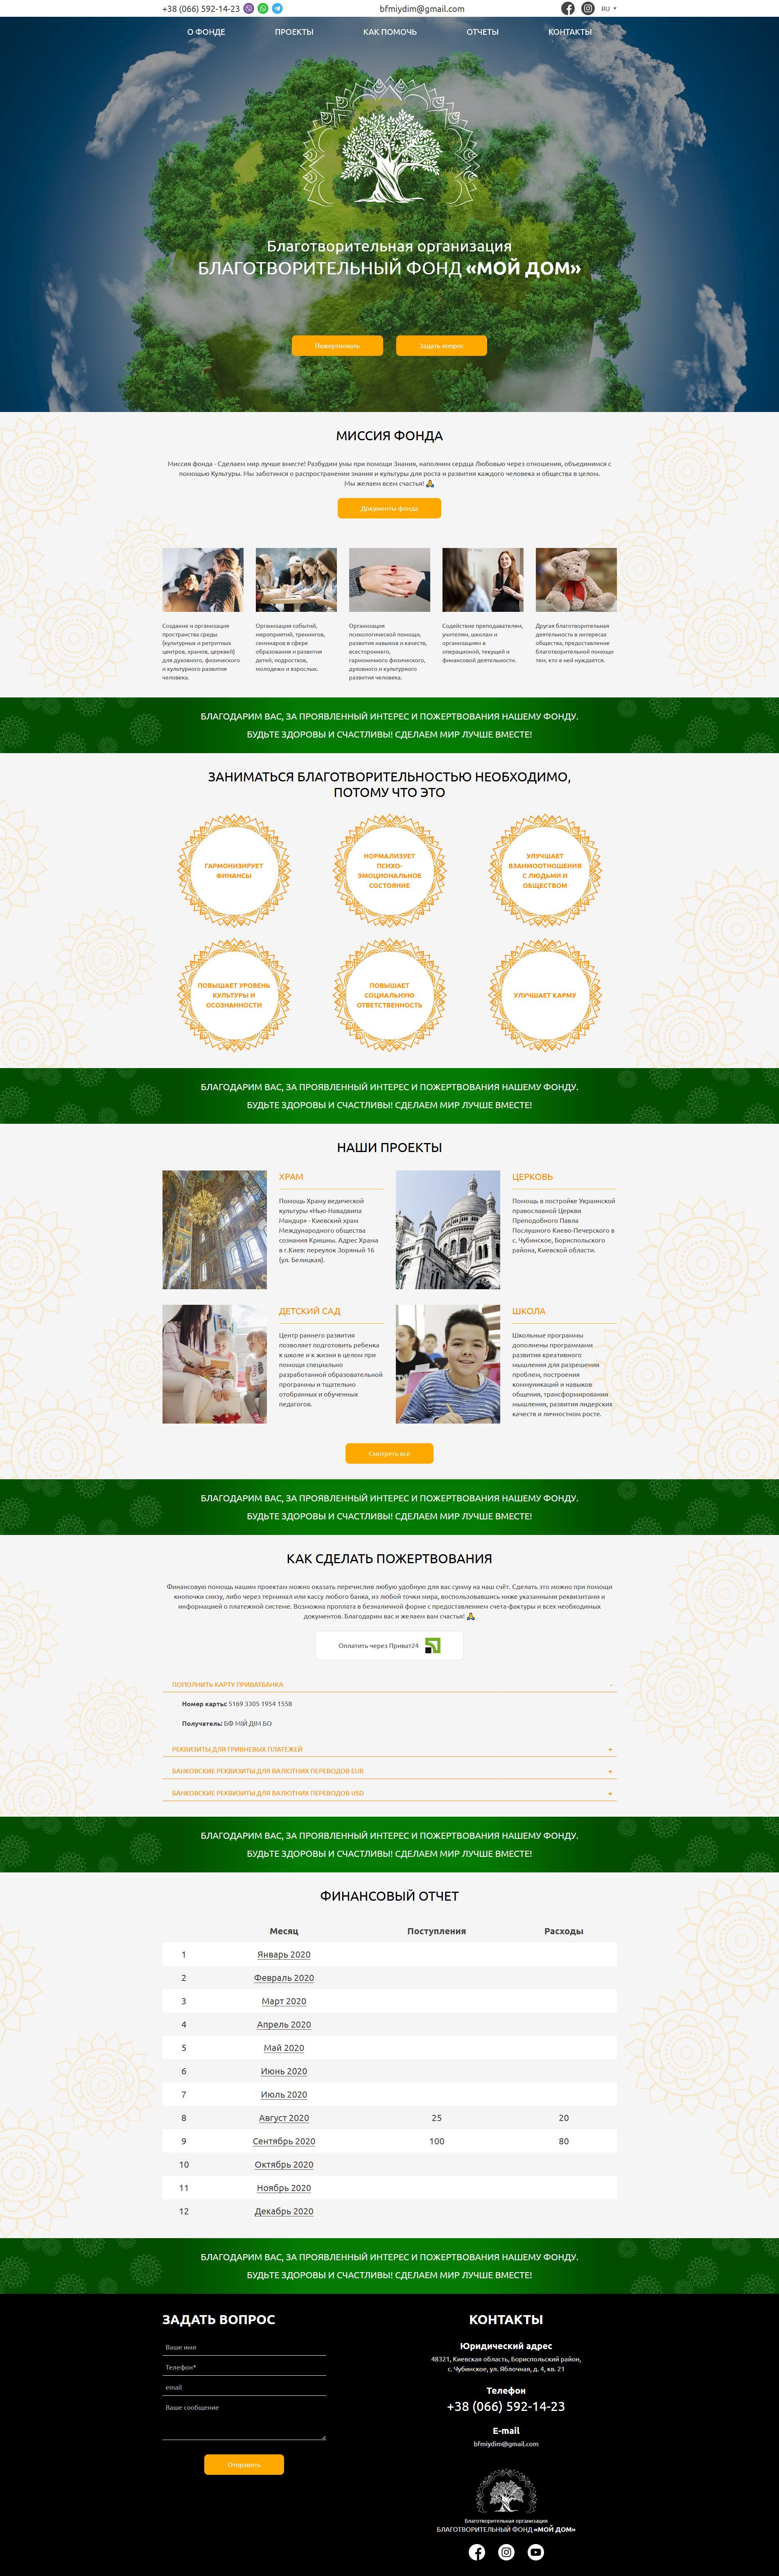 Фото Одностраничный сайт для благотворительной организации. Уникальный дизайн, адаптивная верстка под экраны всех устройств.